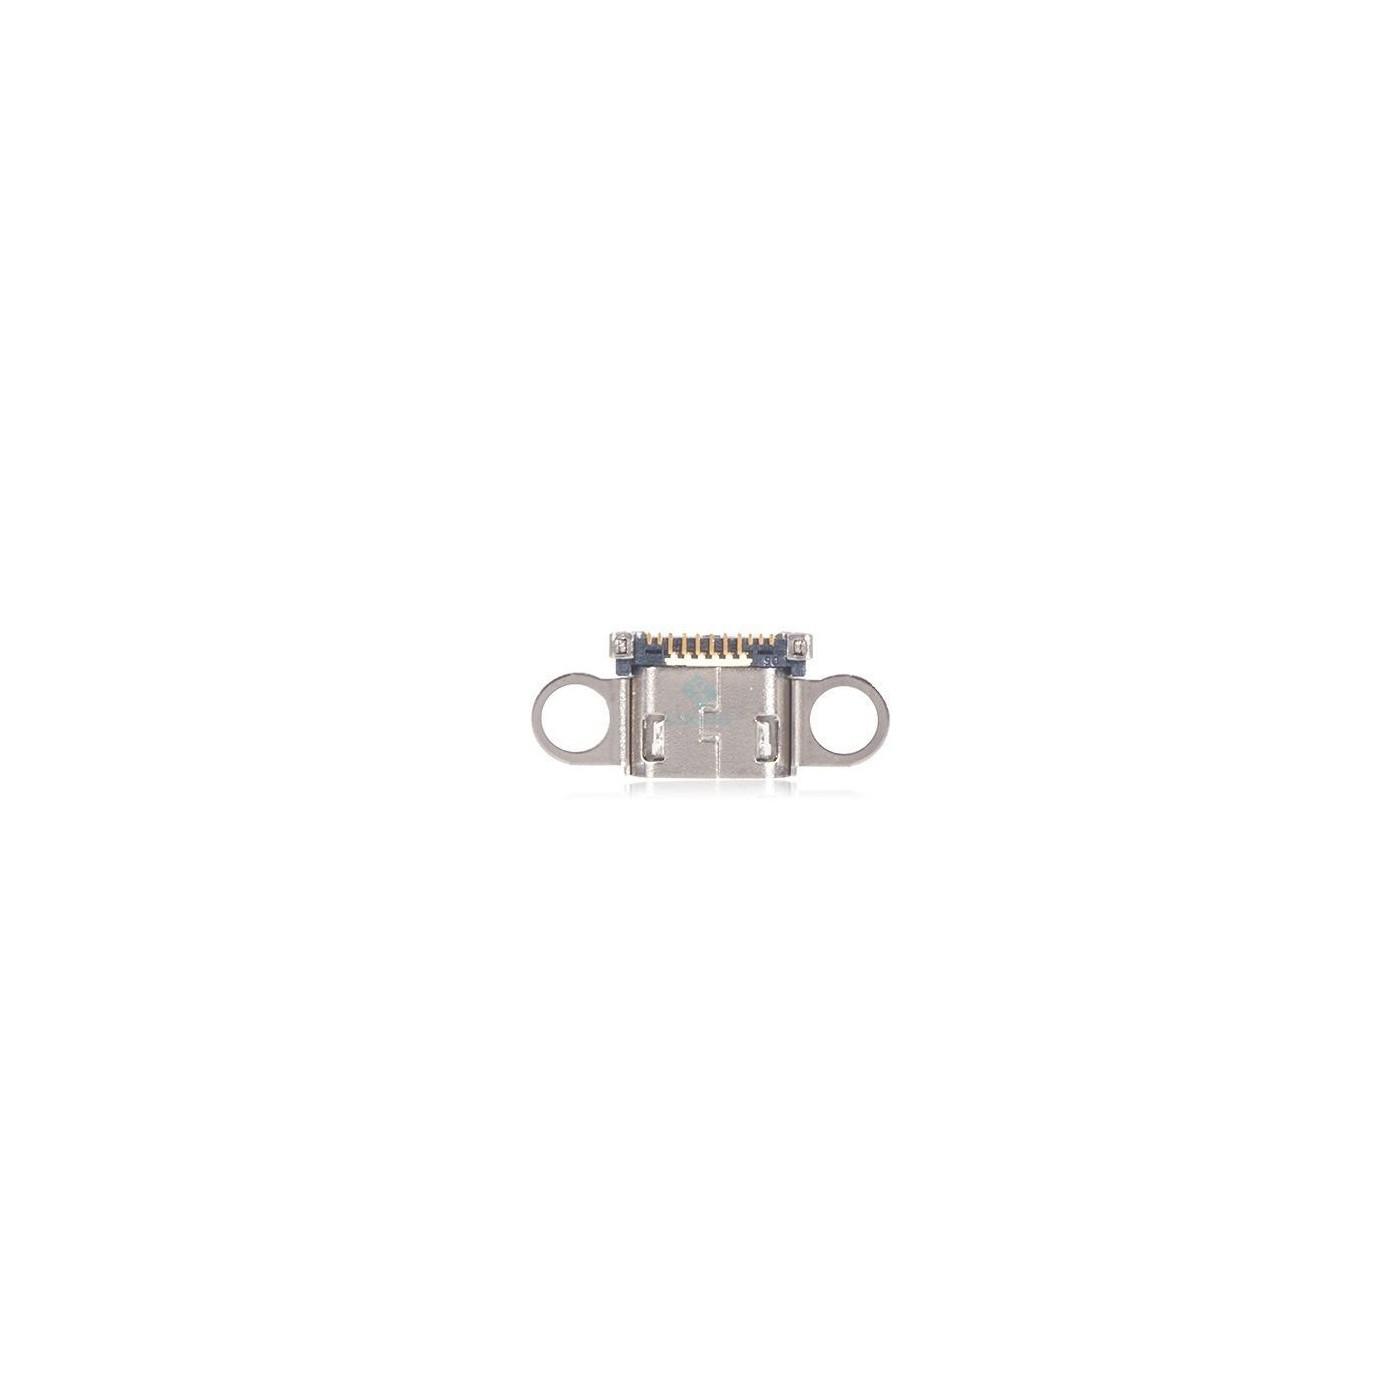 Connecteur de charge pour Samsung Galaxy A3 / A5 / A7 / Note 4 N910